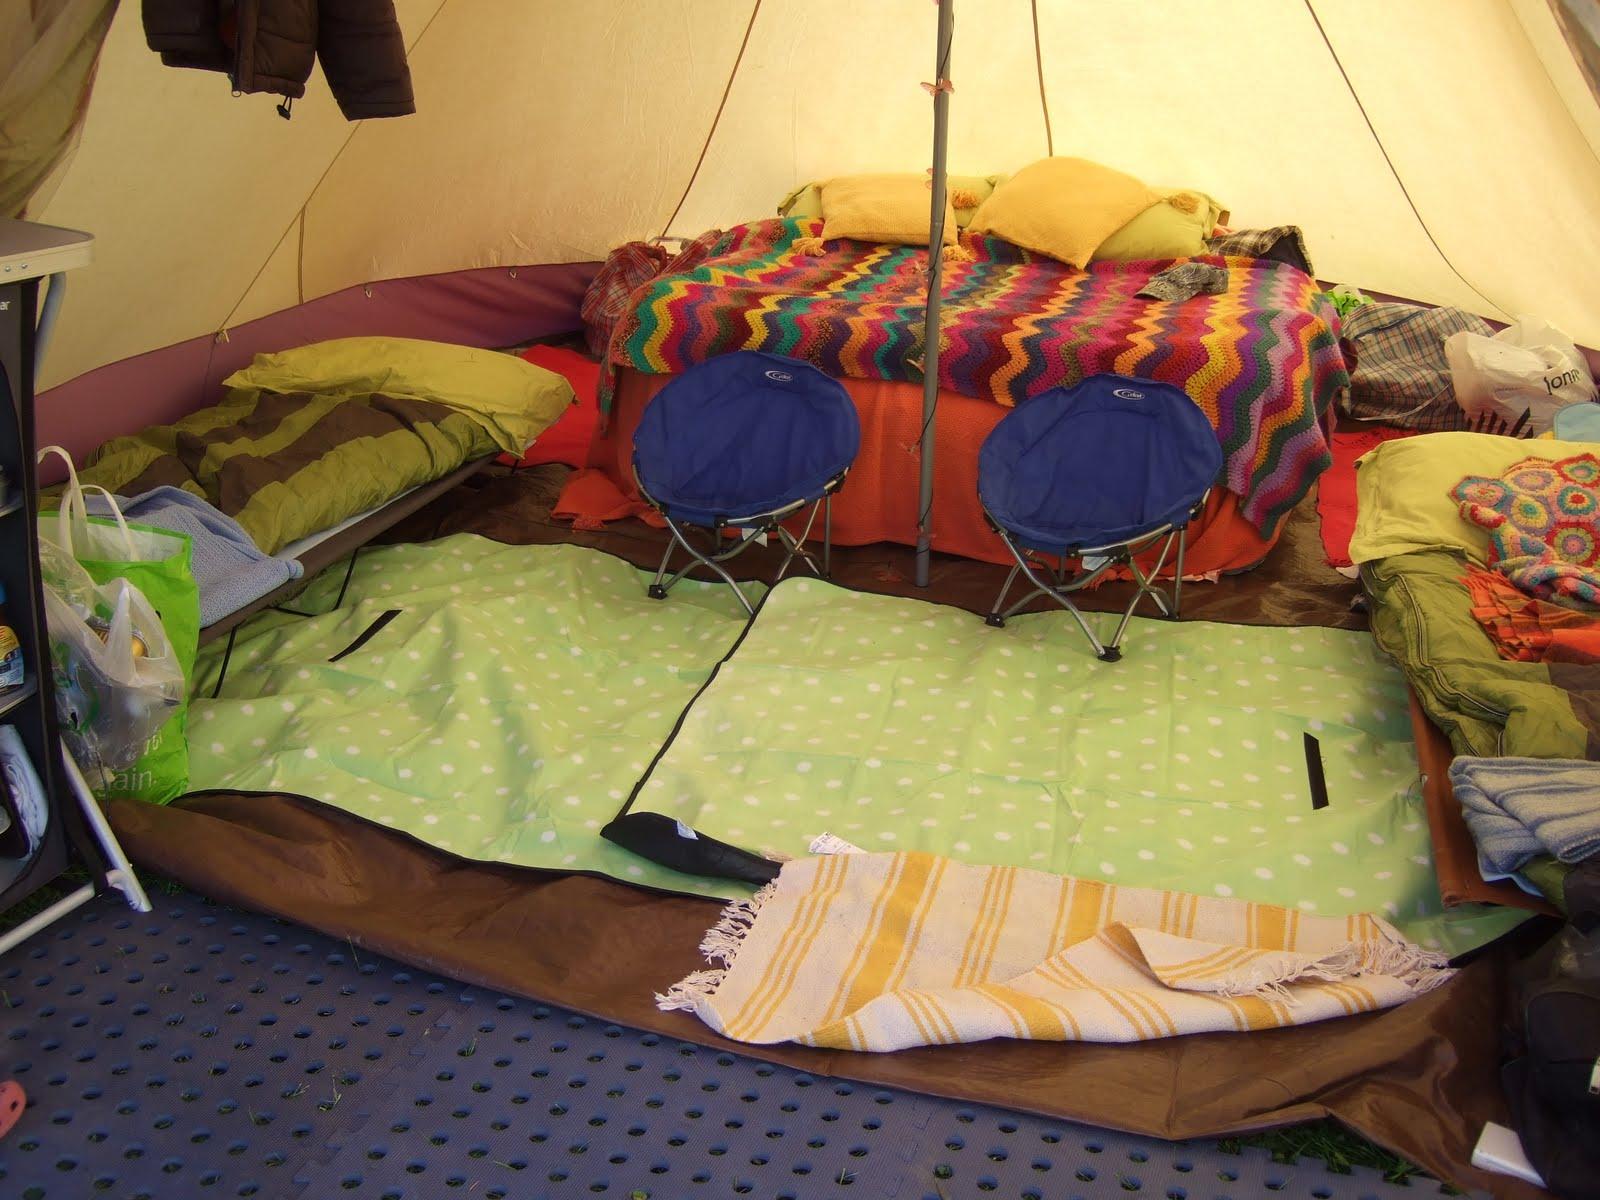 4dtraveler & Emergency Tent Living Part 1 of 4 | 4dtraveler